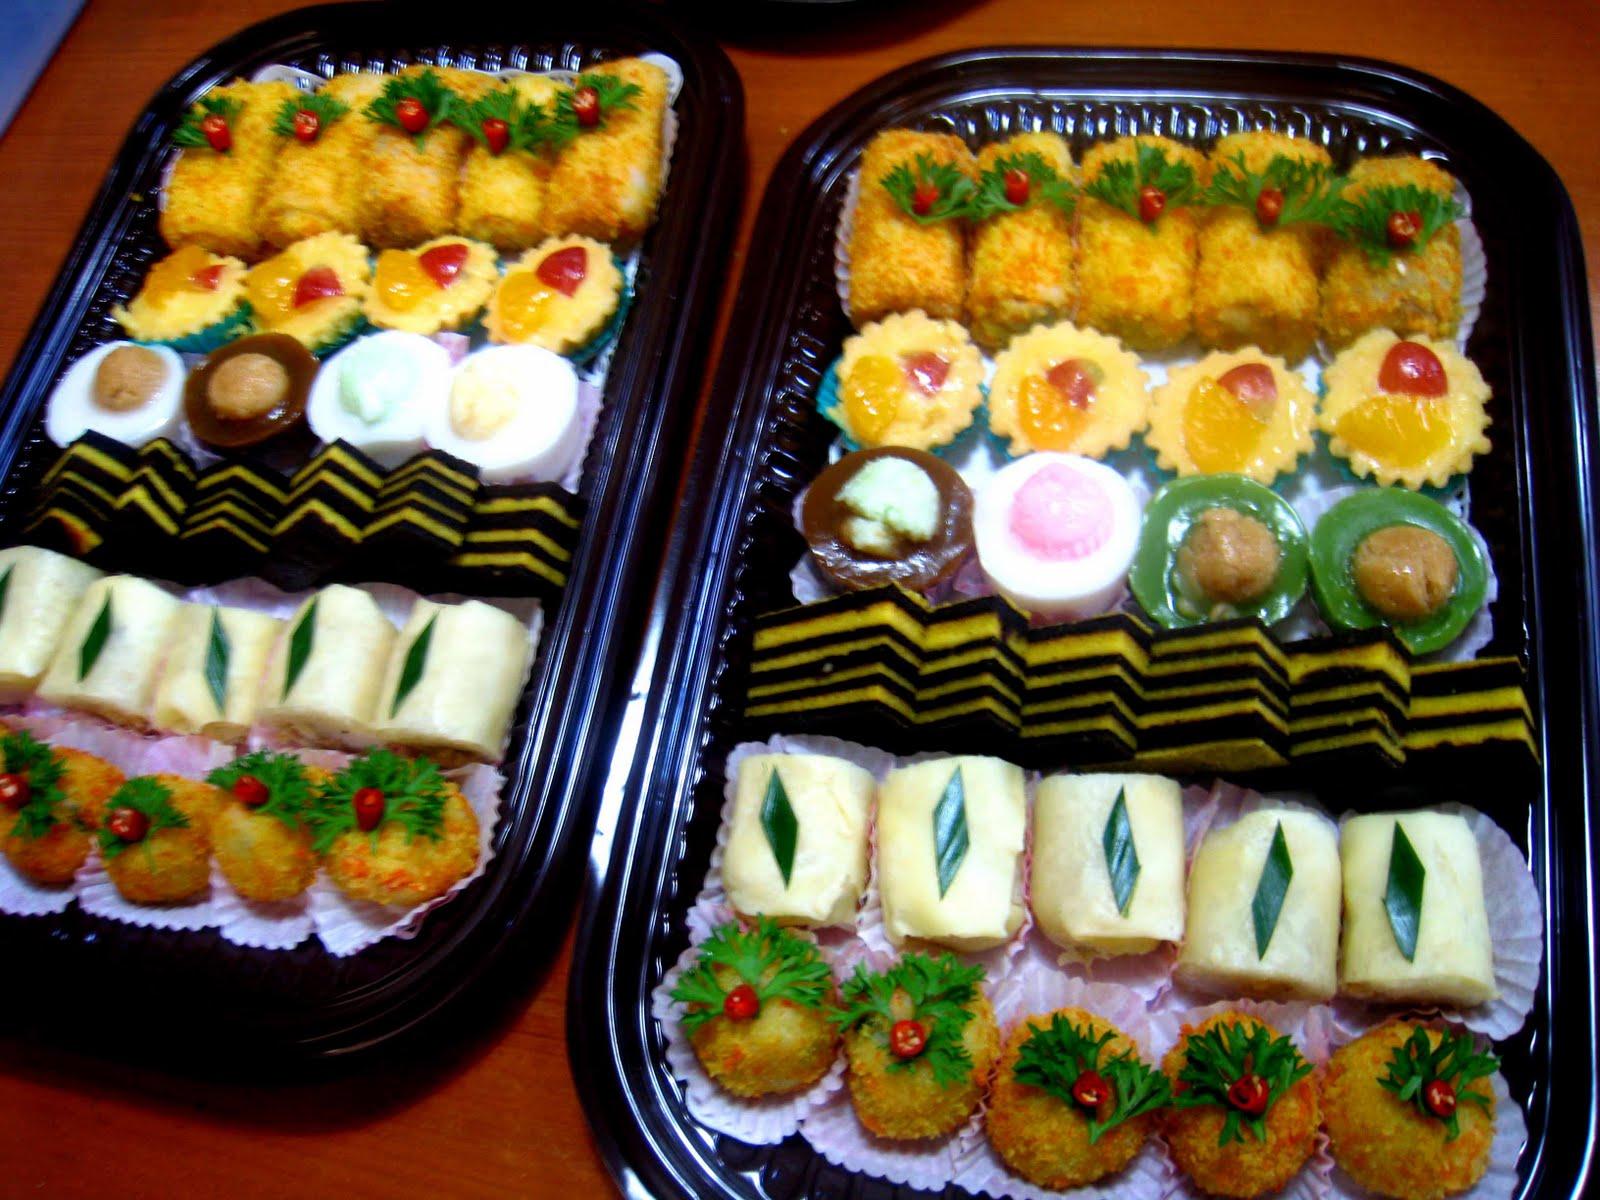 Resep Cake Kukus Untuk Bayi: Makanan Khas Indonesia Dan Eropa: Kue Tampah